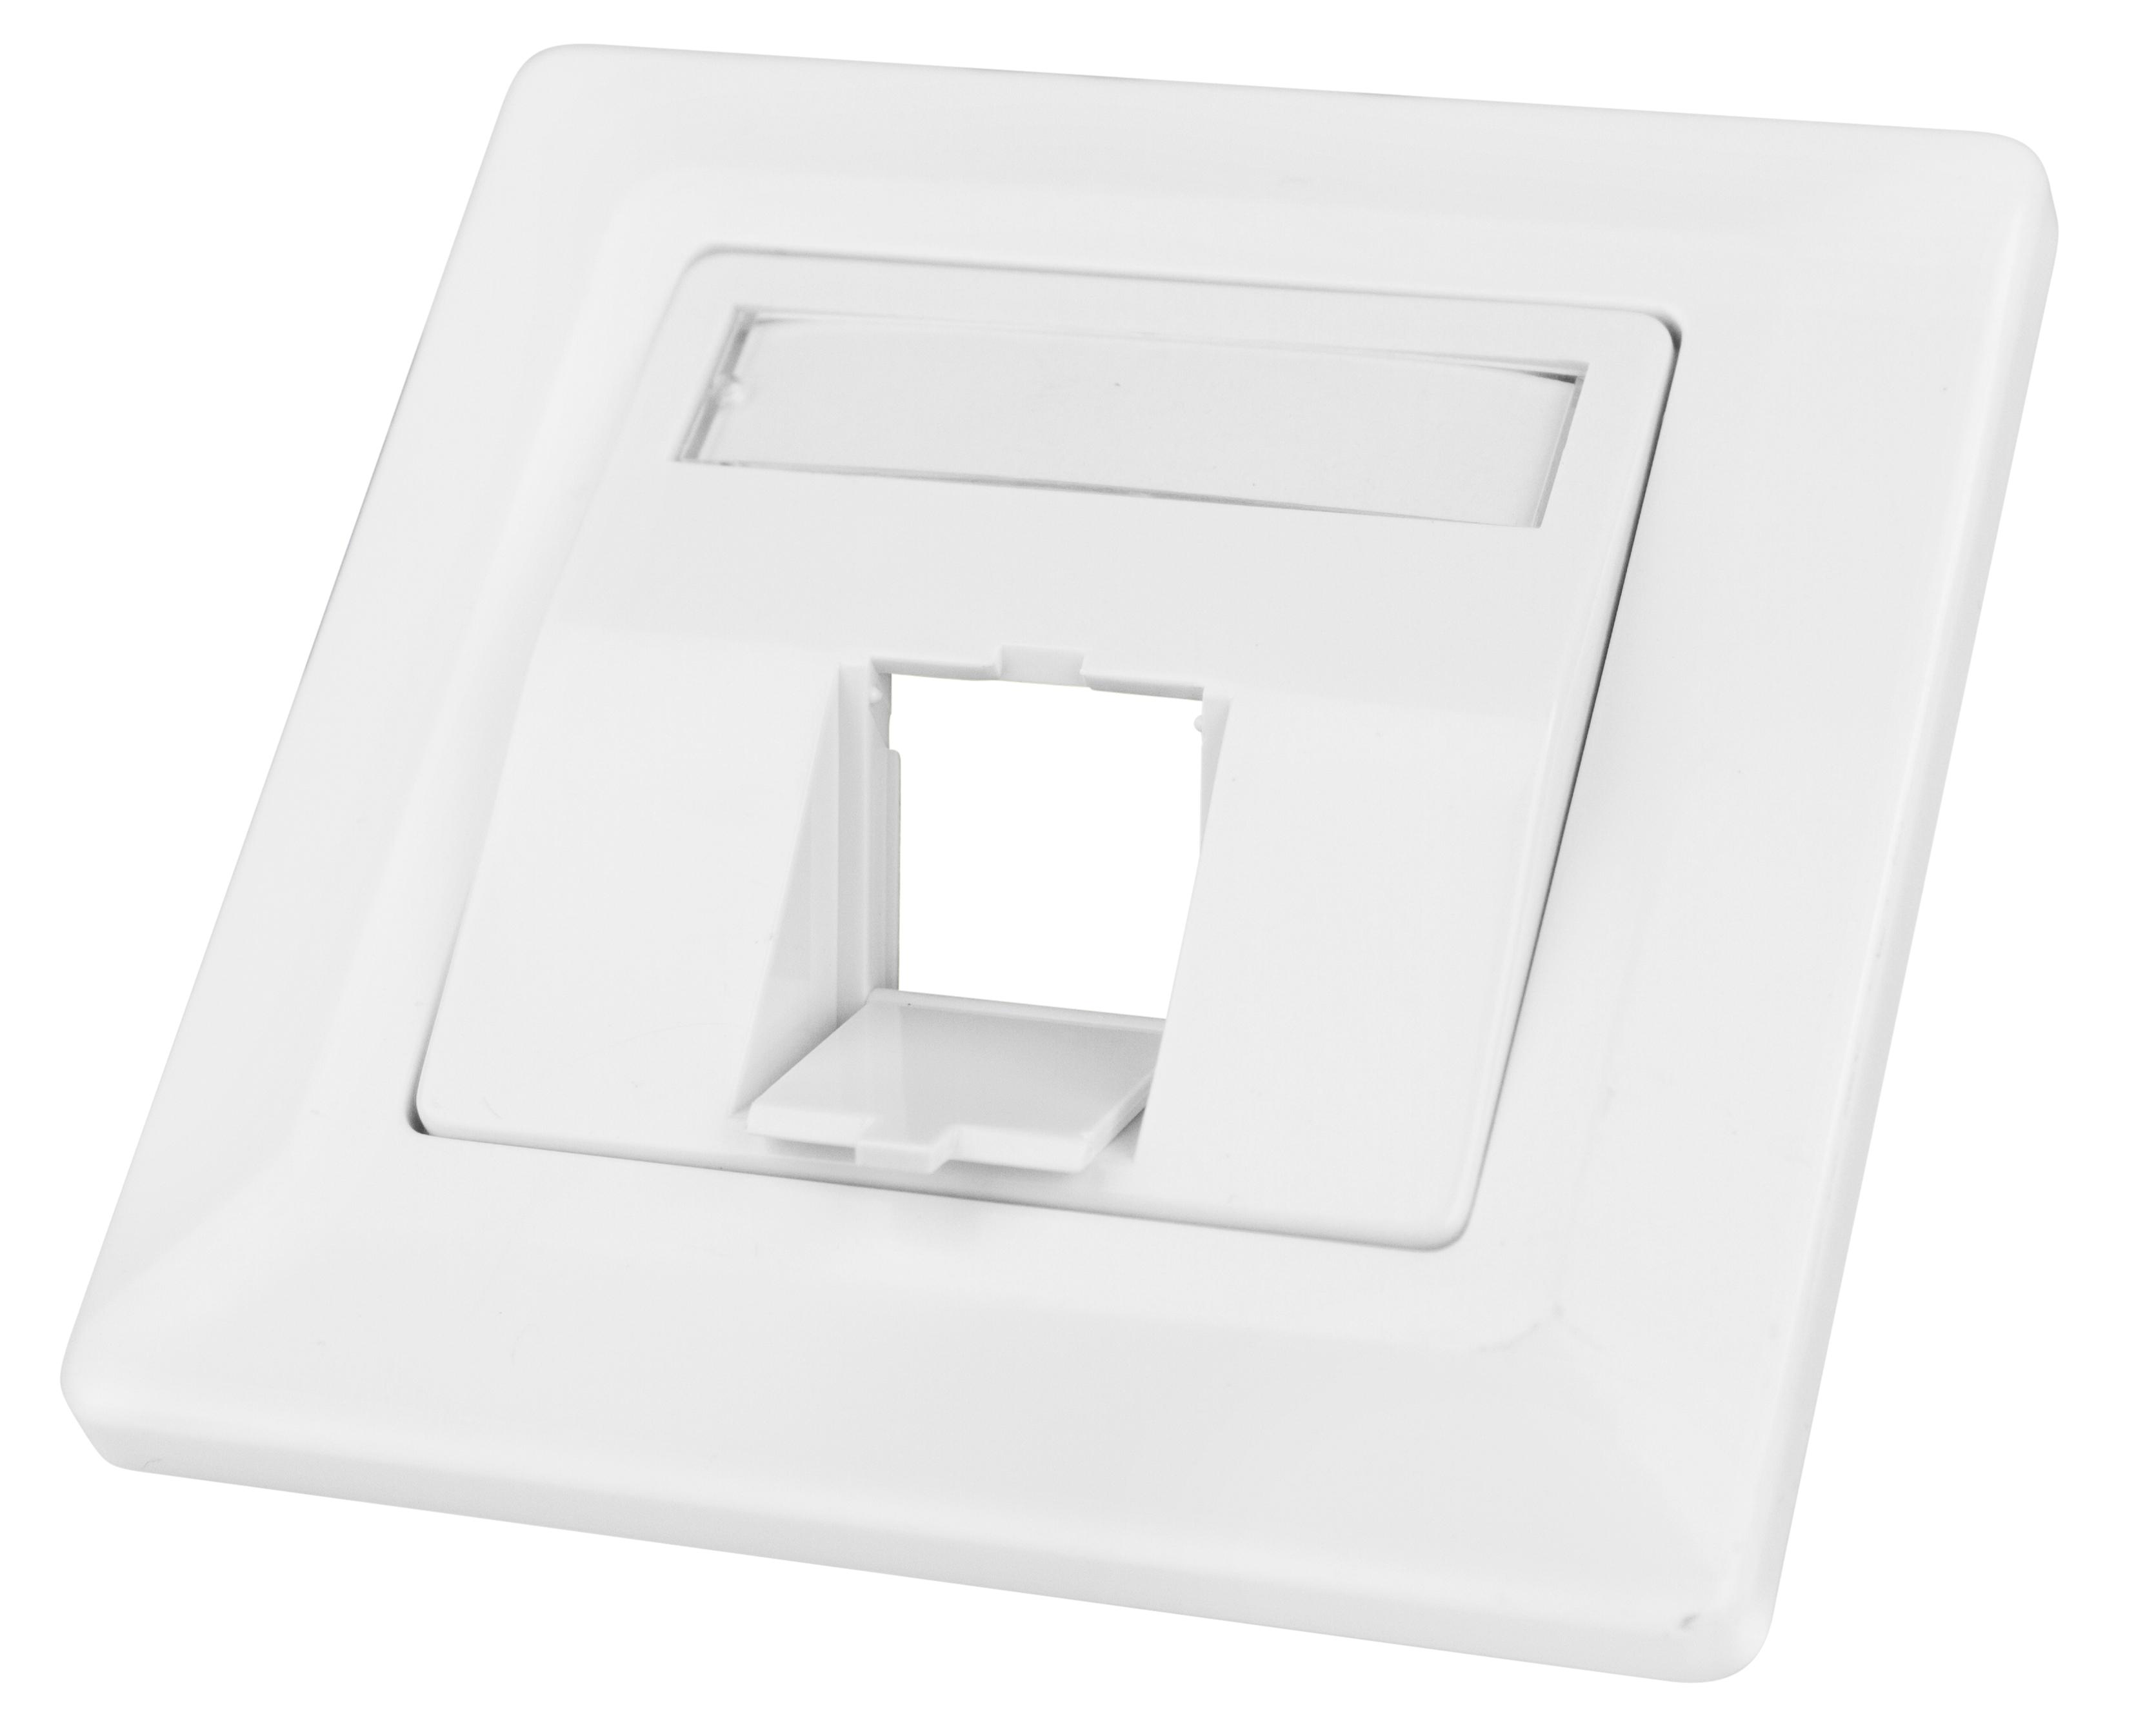 1 Stk Datendose 80x80 leer für 1 Modul (SFA)(SFB), schräg, RAL9010 HSED01UW2S